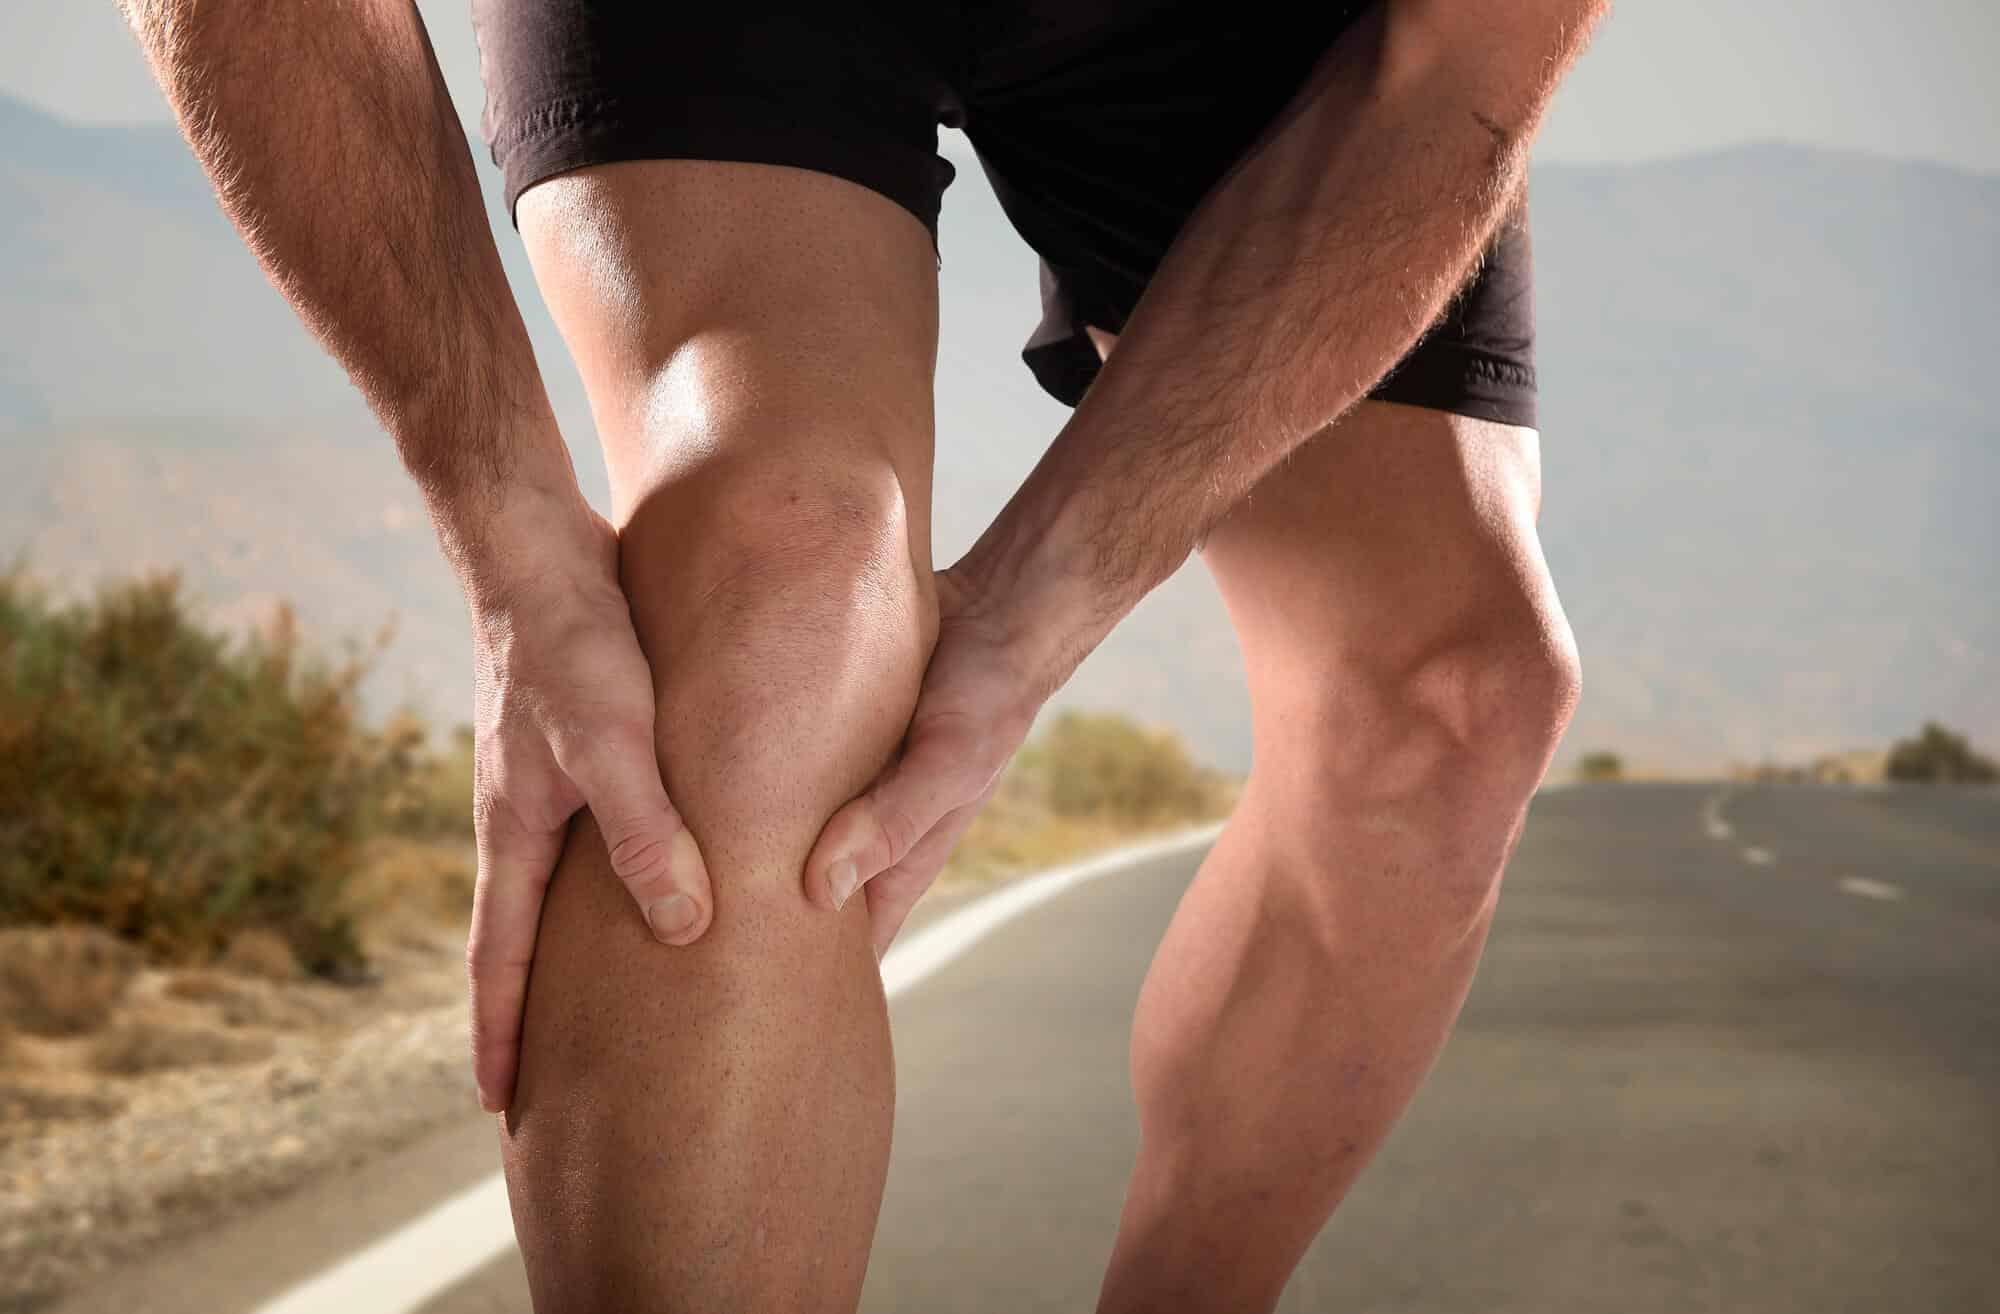 כאבים אחרי אימון איך לטפל